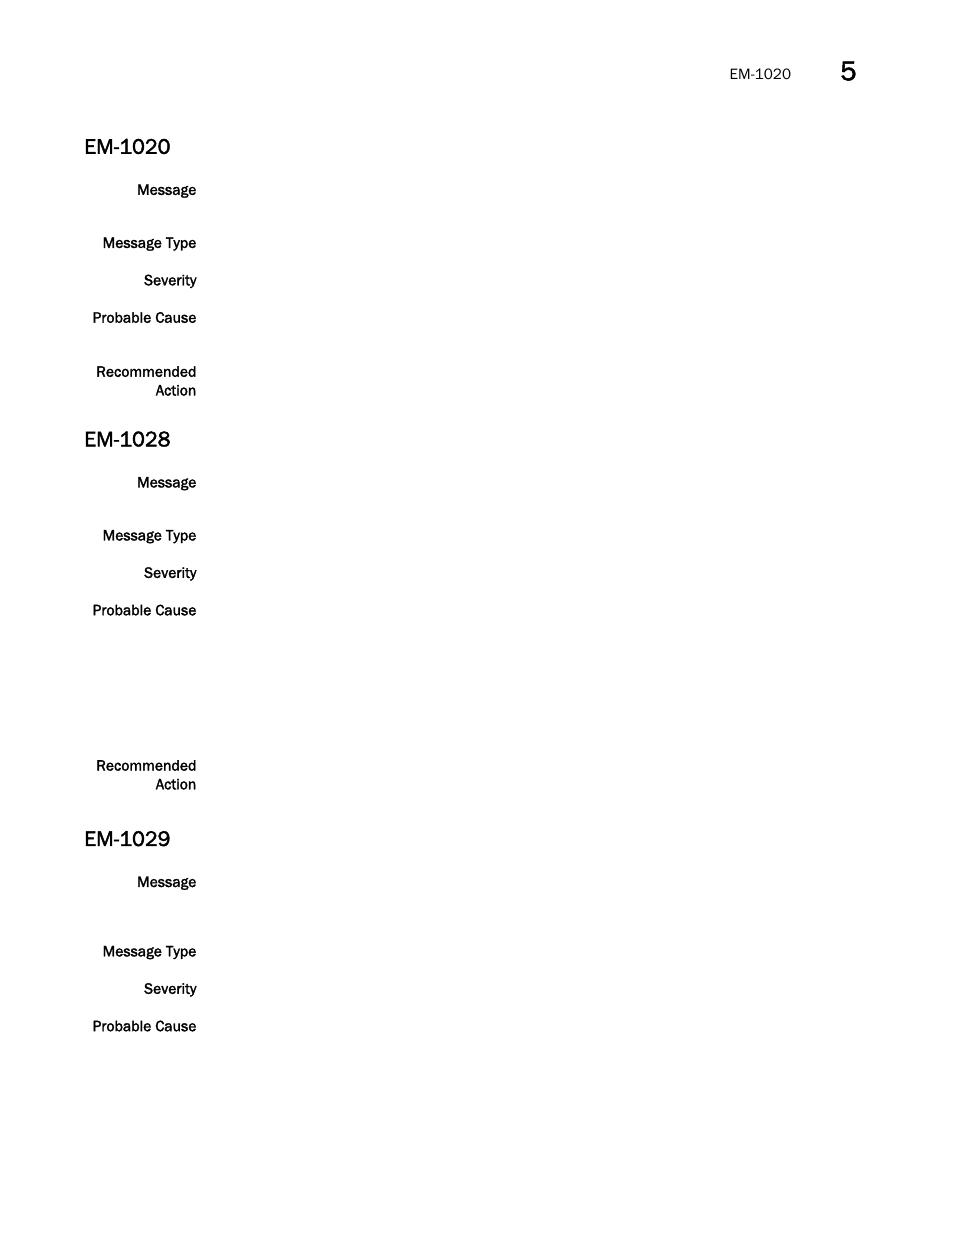 Em-1020, Em-1028, Em-1029 | Brocade Fabric OS Message